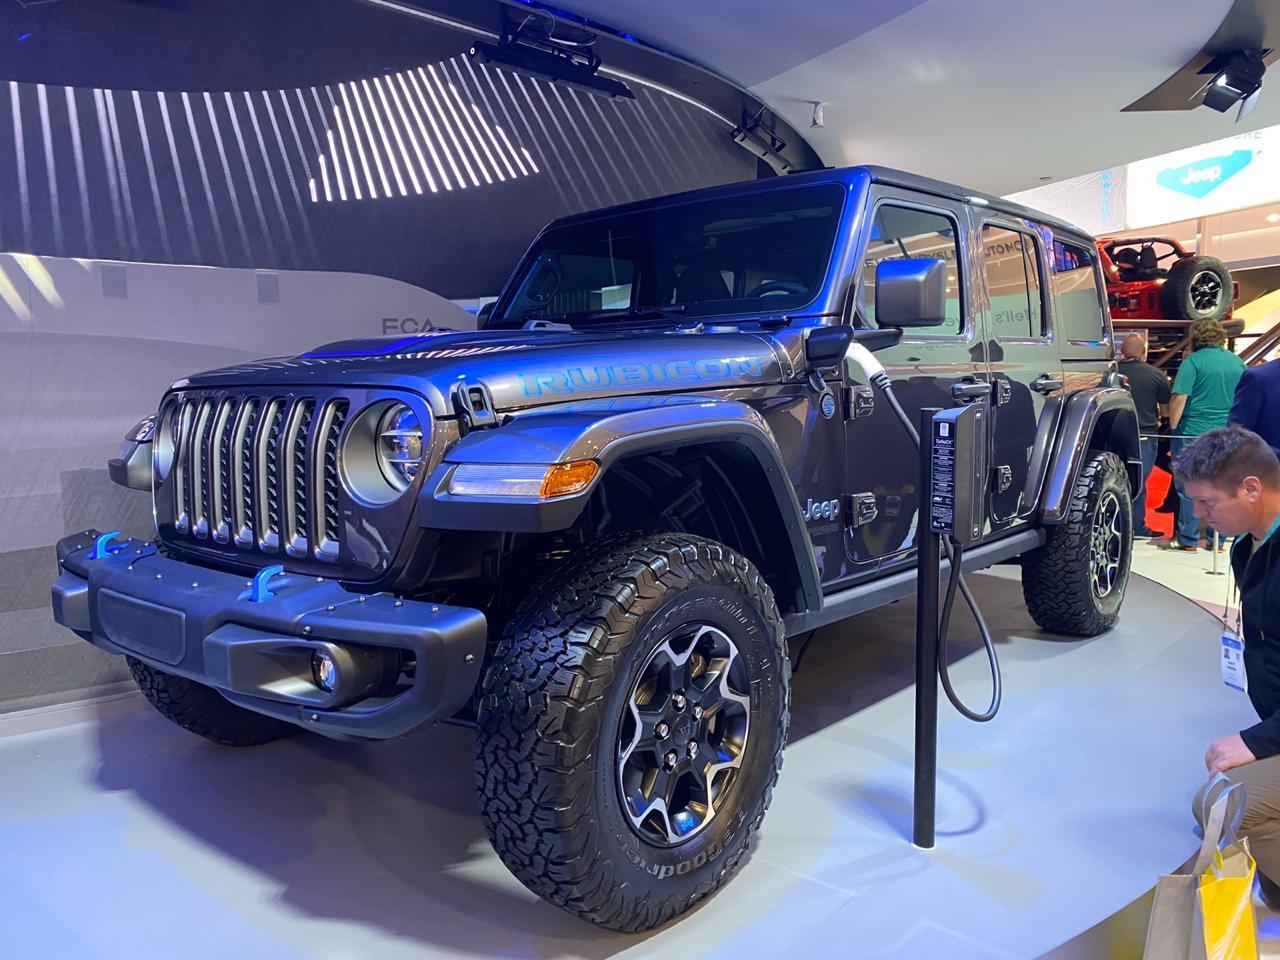 Jeep Wrangler 4xe com mum plugue na tomada próximo ao retrovisor do motorista em exposição no estande da marca na CES